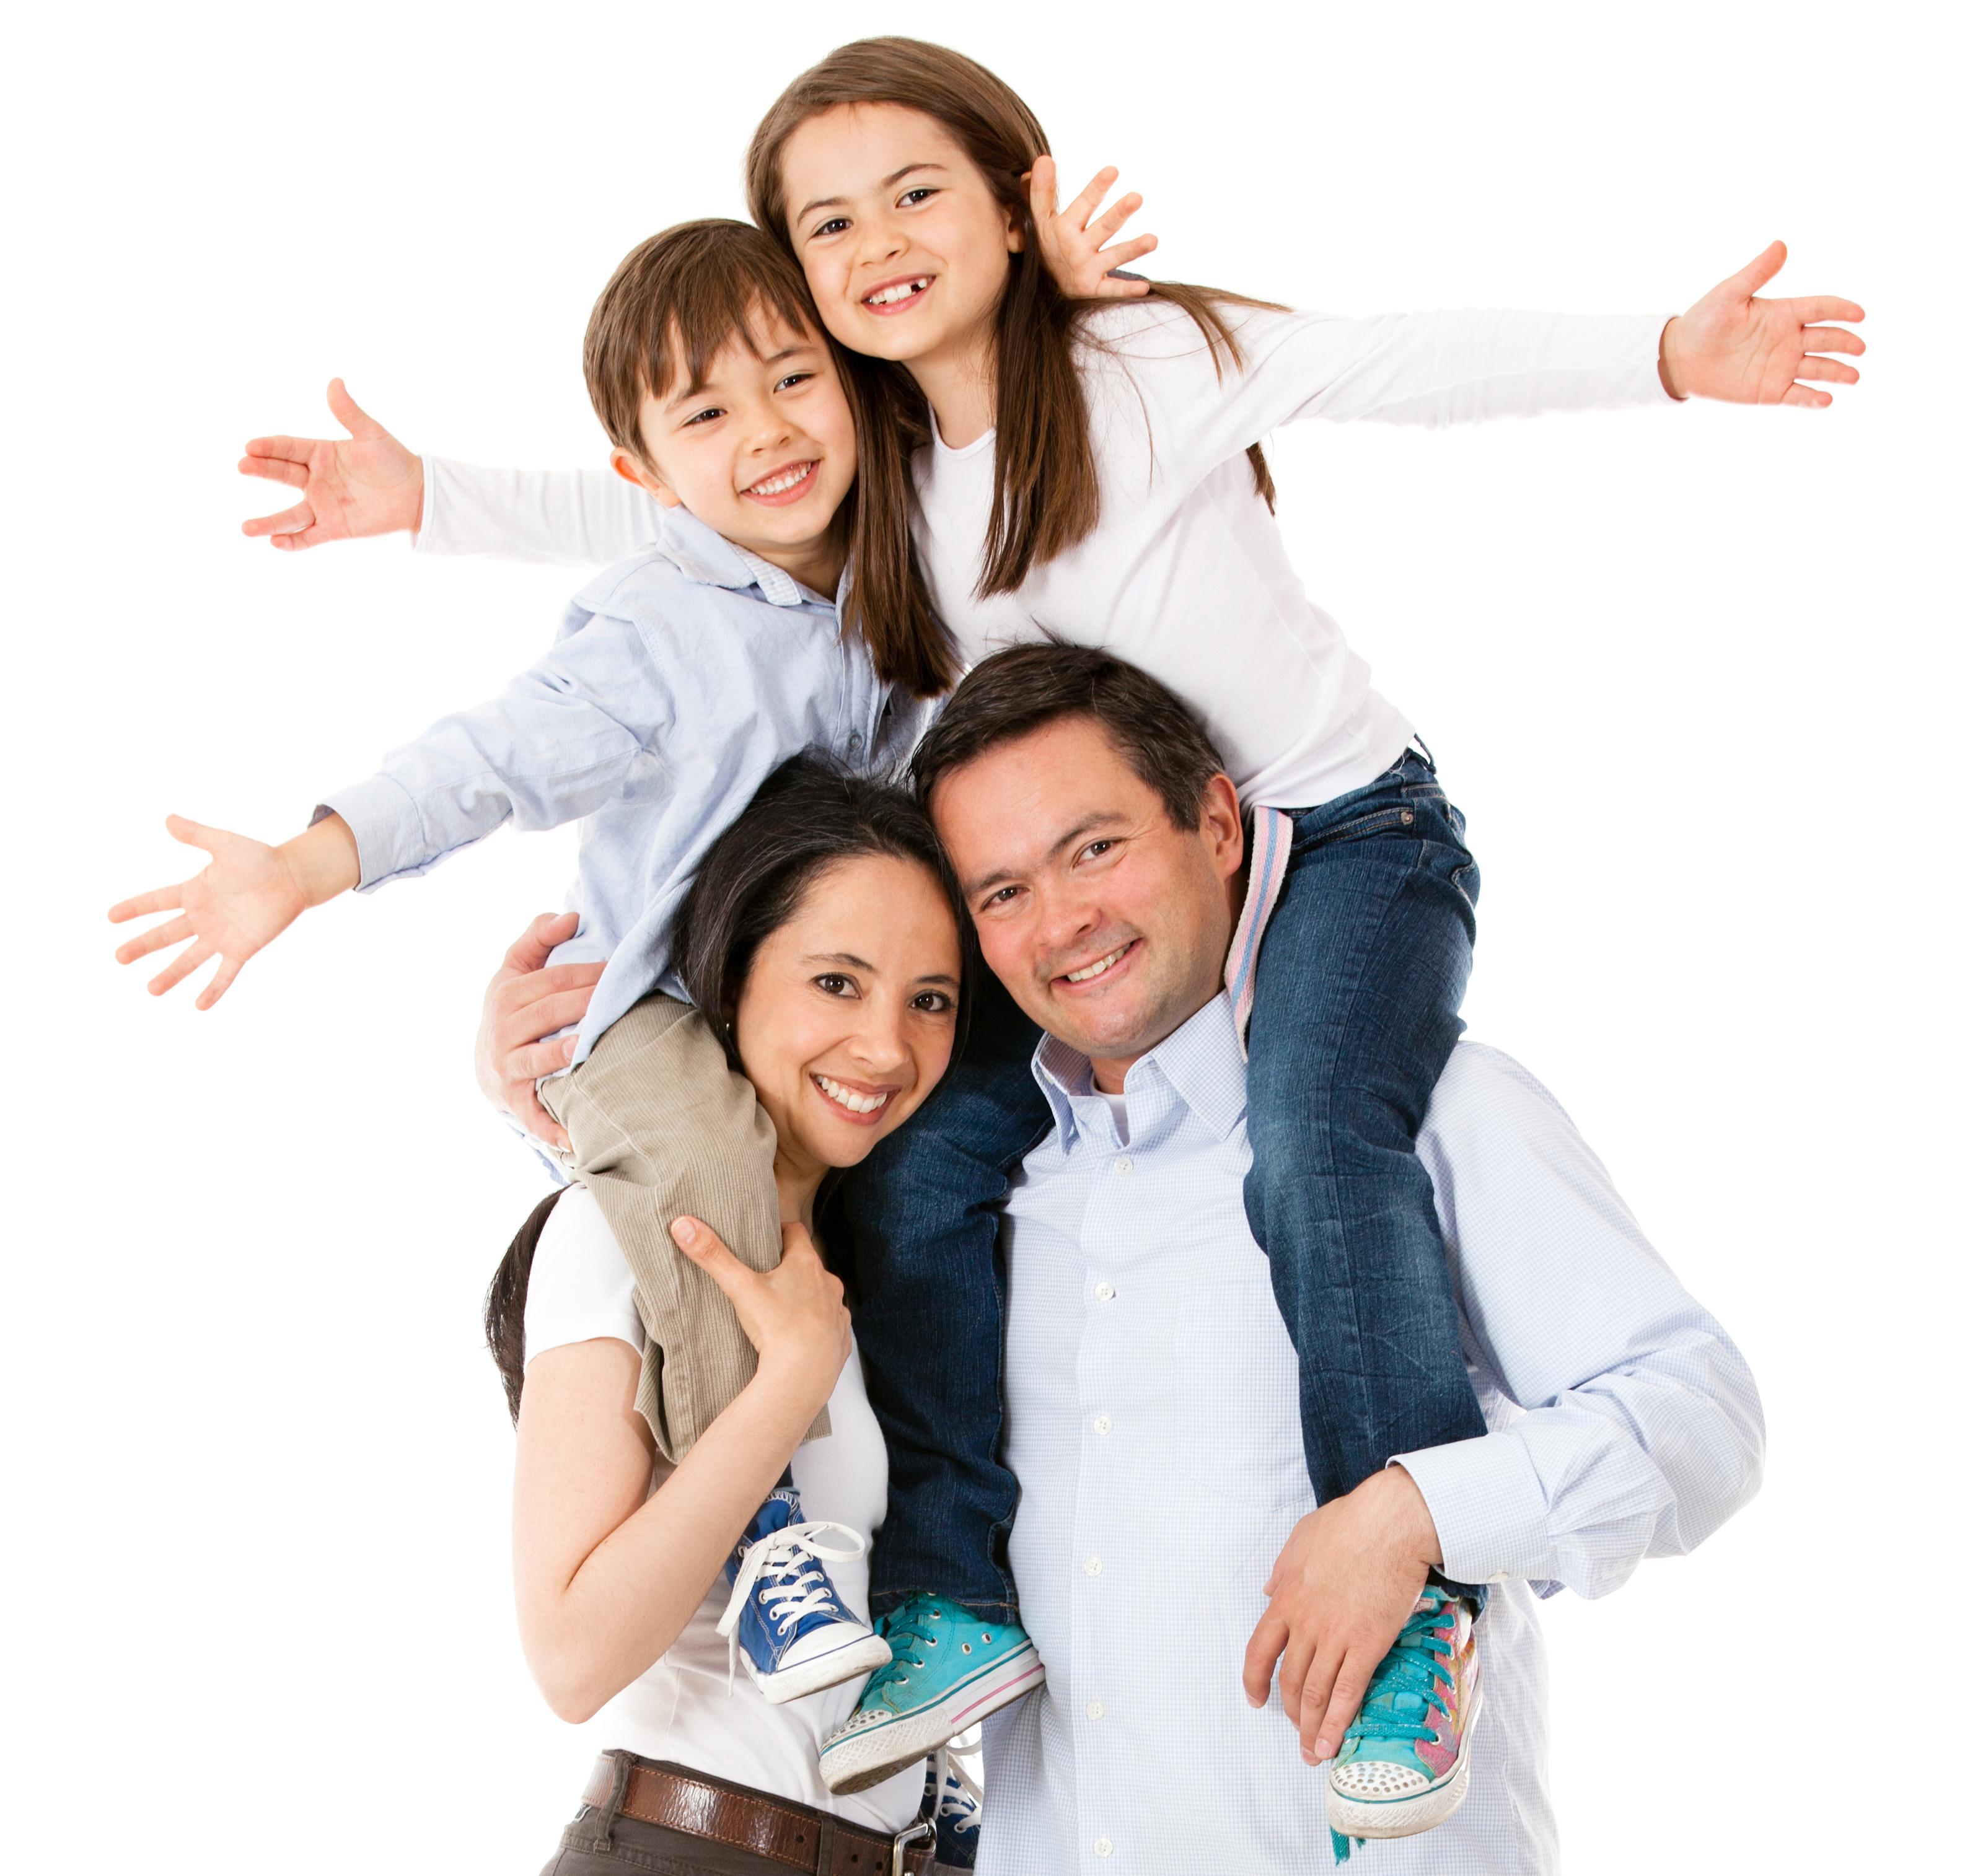 Счастливая семья картинки красивые без фона, свадьбу